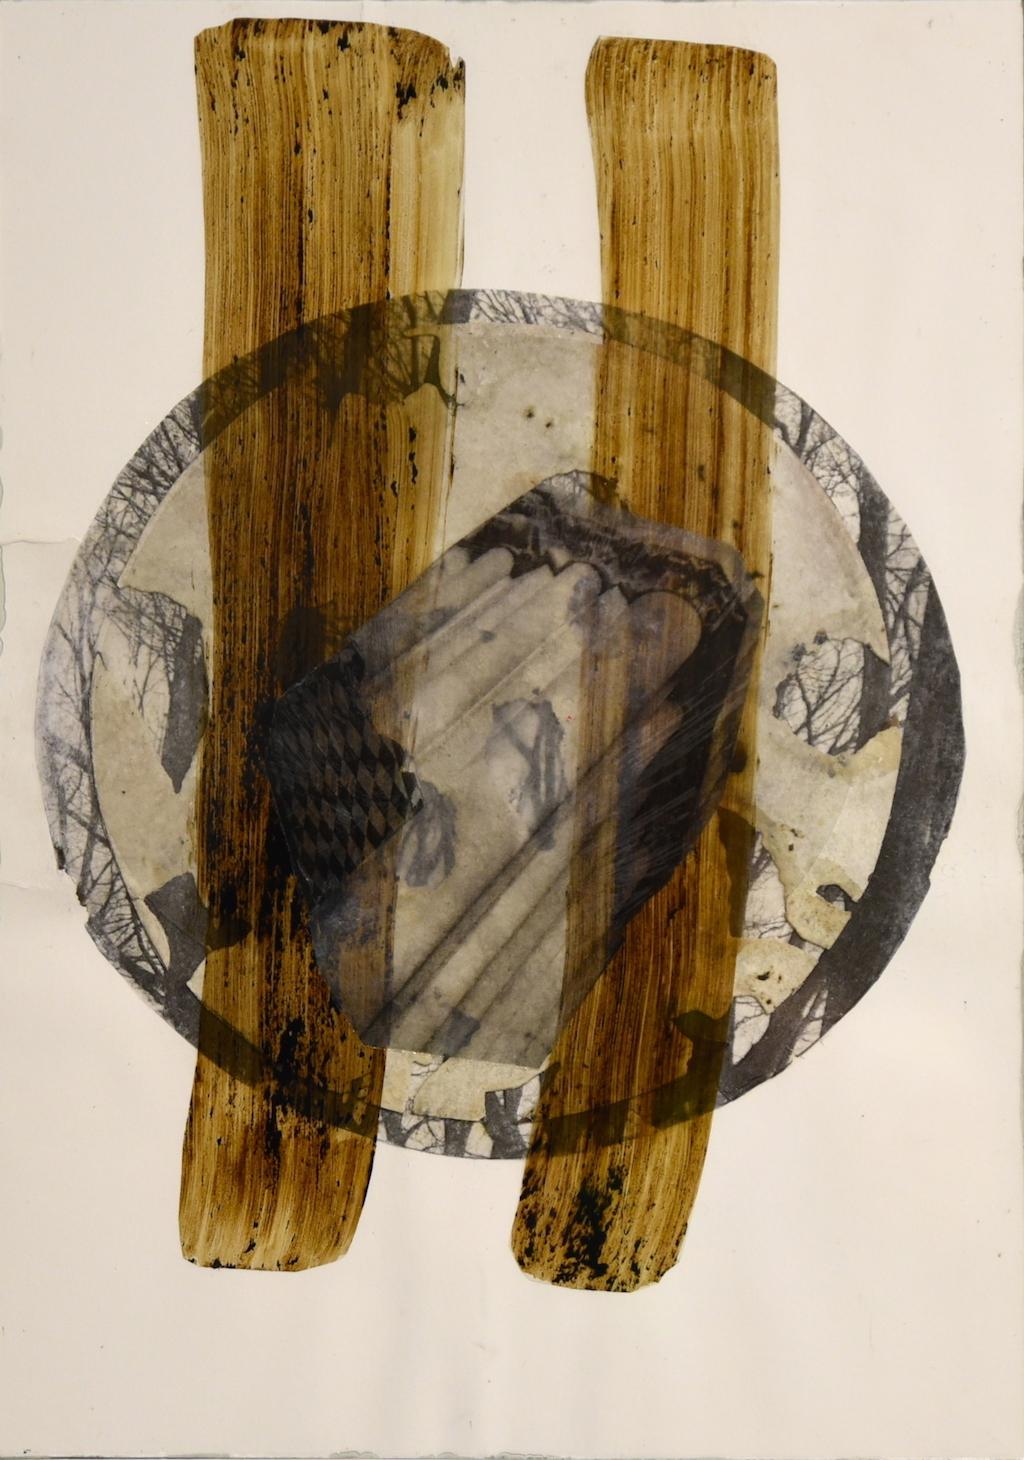 NUEVA CASA PARA SIMÓN DEL DESIERTO \nT. Mixta /Papel y cristal. 35 x 25 cm.